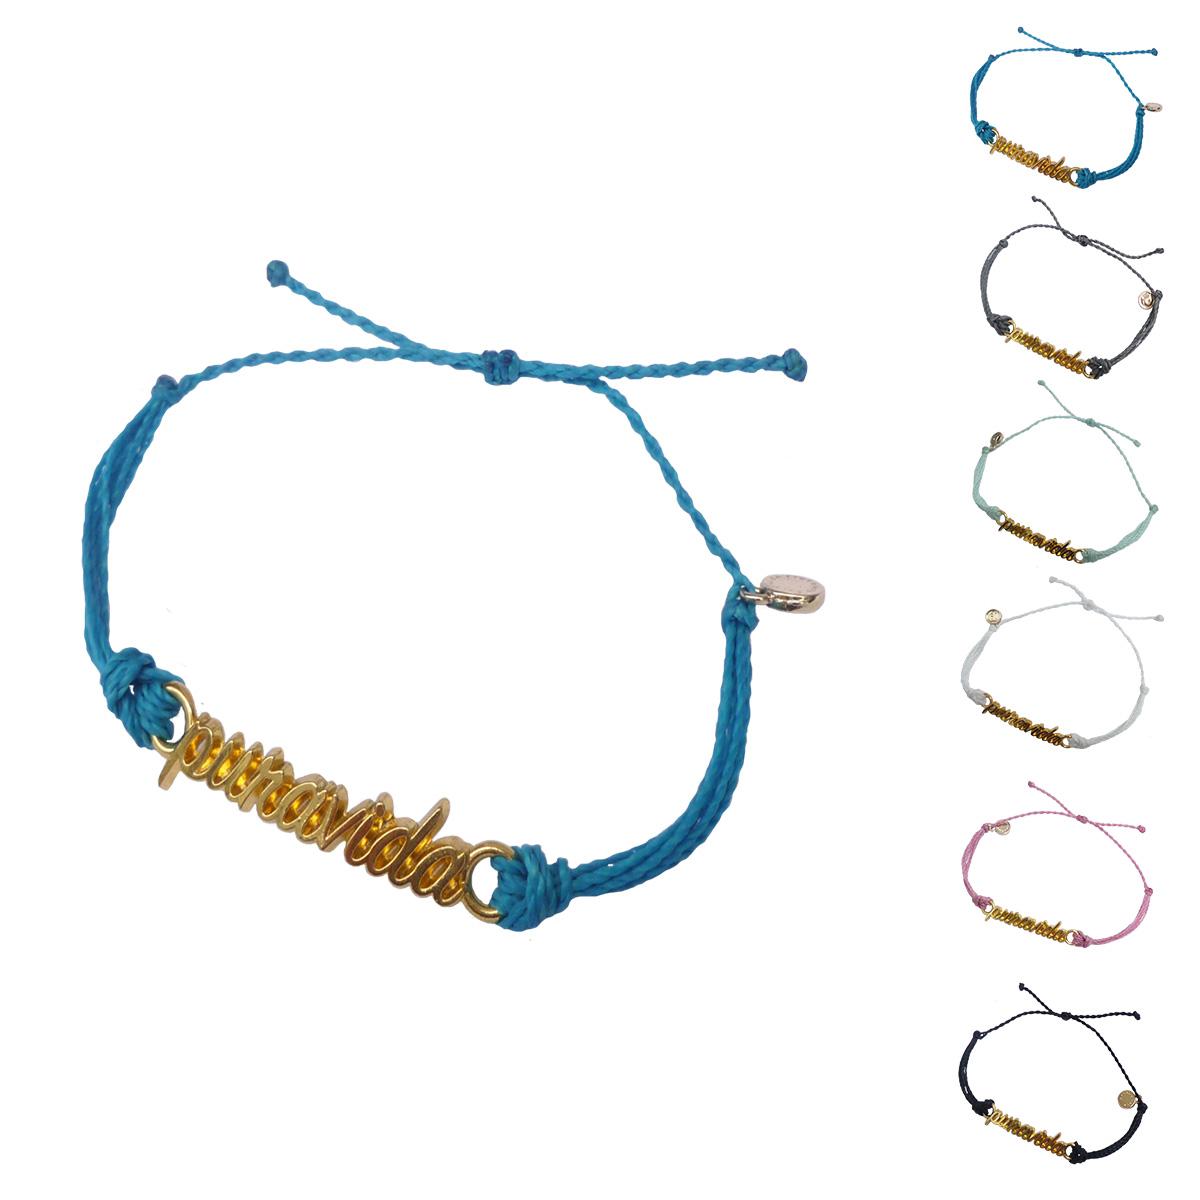 画像1: puravida bracelets プラヴィダブレスレット GOLD WORD PURAVIDA 全6色 レディース/メンズ (1)